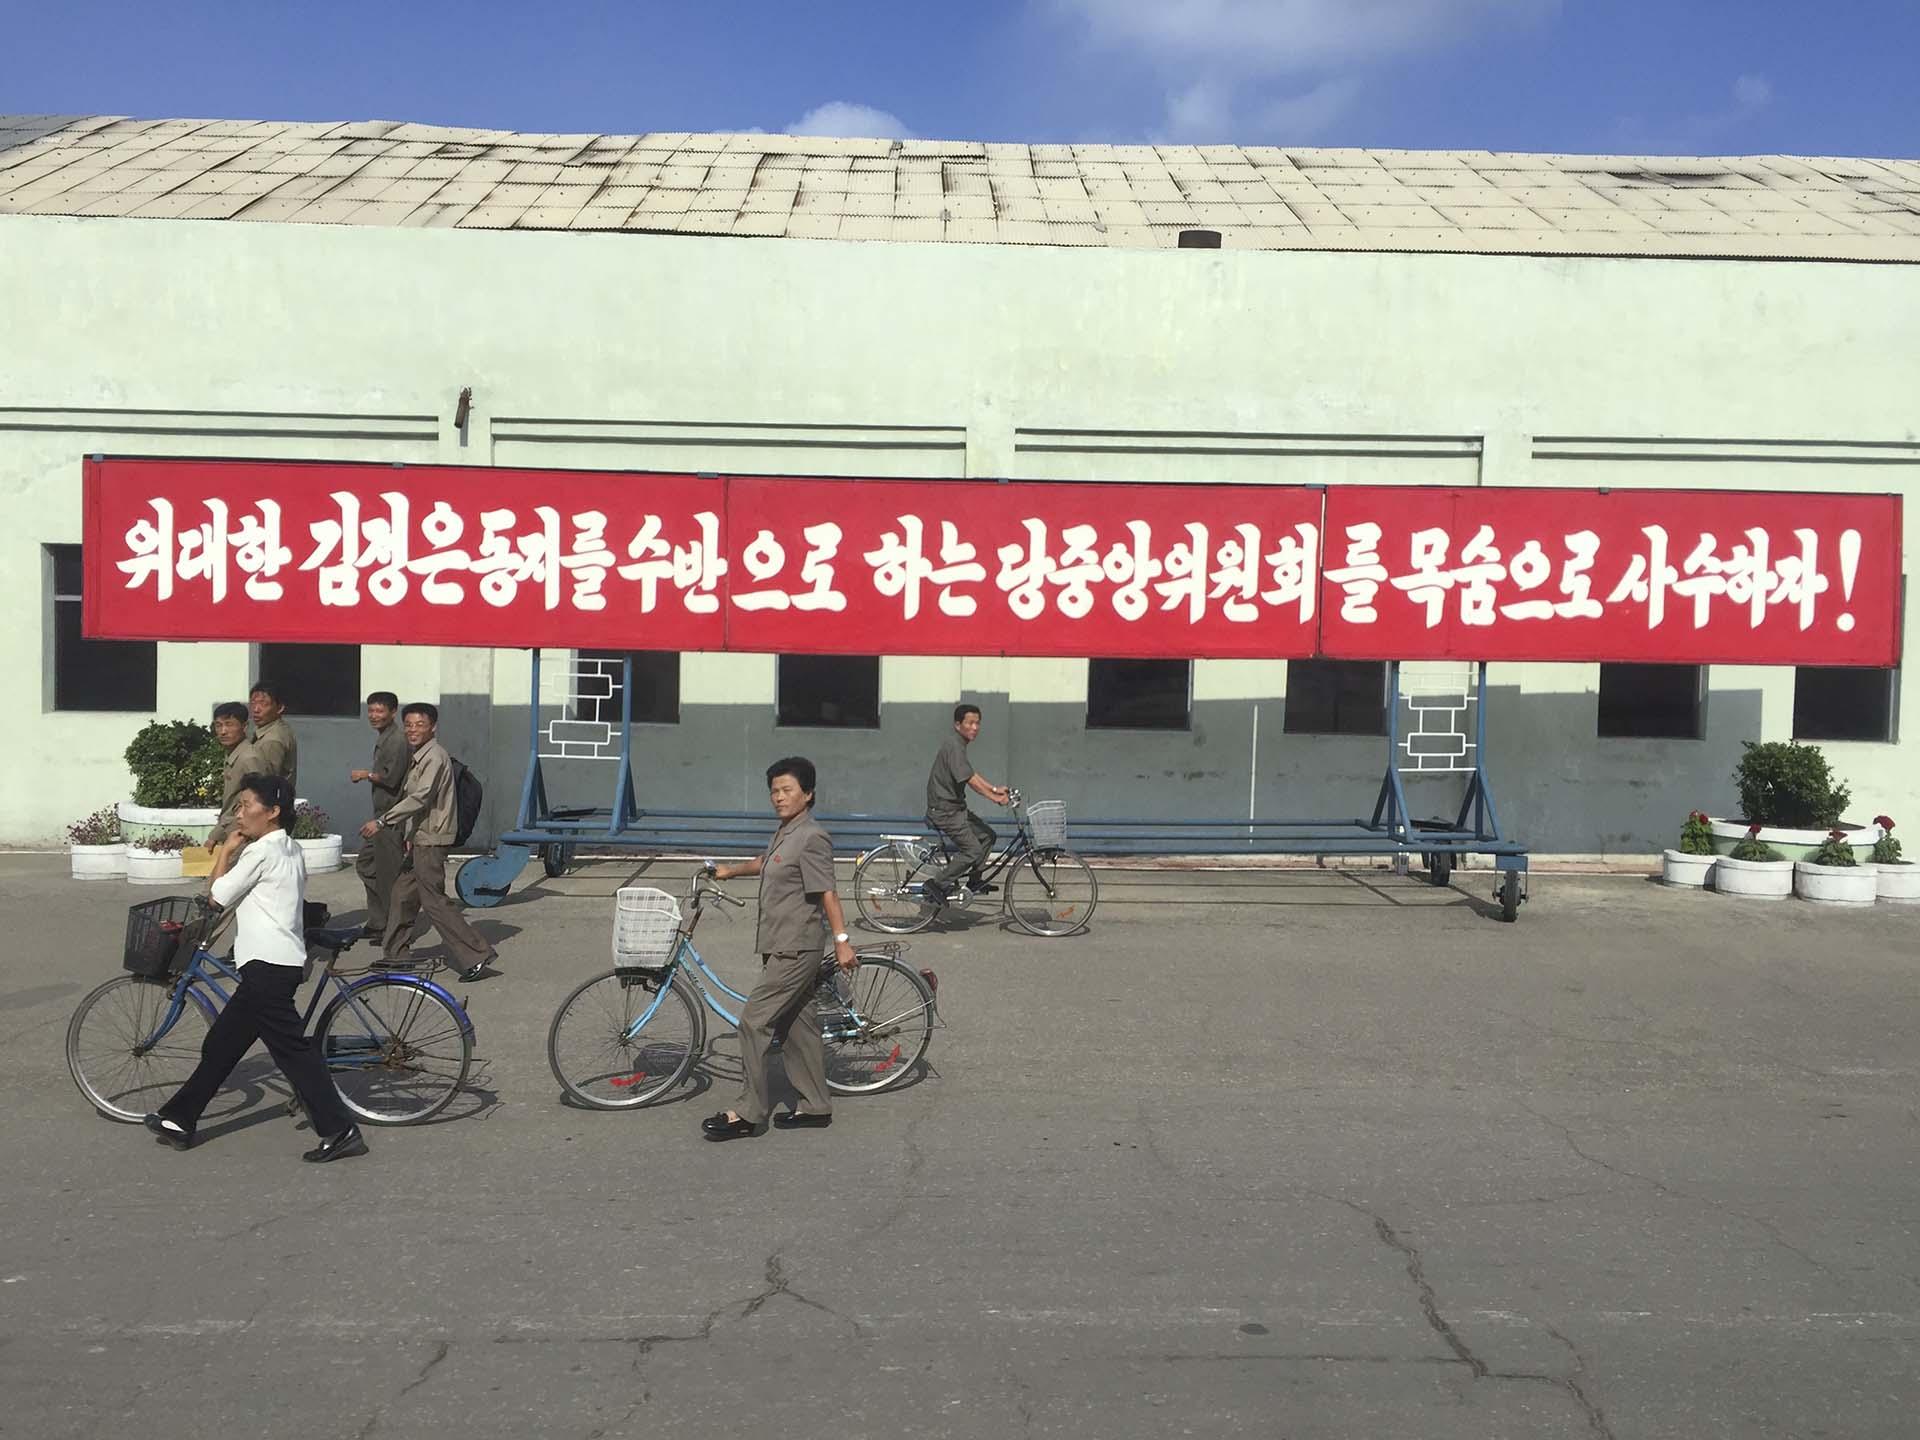 """Cuando llegamos con nuestro micro turístico a media mañana, un grupo de trabajadores ingresaba para cumplir su turno en la planta de fertilizantes de la ciudad de Hamhung, cerca del Mar del Este. No parecían cautivados, como nosotros, por el enfático cartel rojo a sus espaldas, donde se leía: """"¡Debemos defender el Comité del Partido que acompaña a nuestro Gran Camarada, Kim Jong Un!"""""""